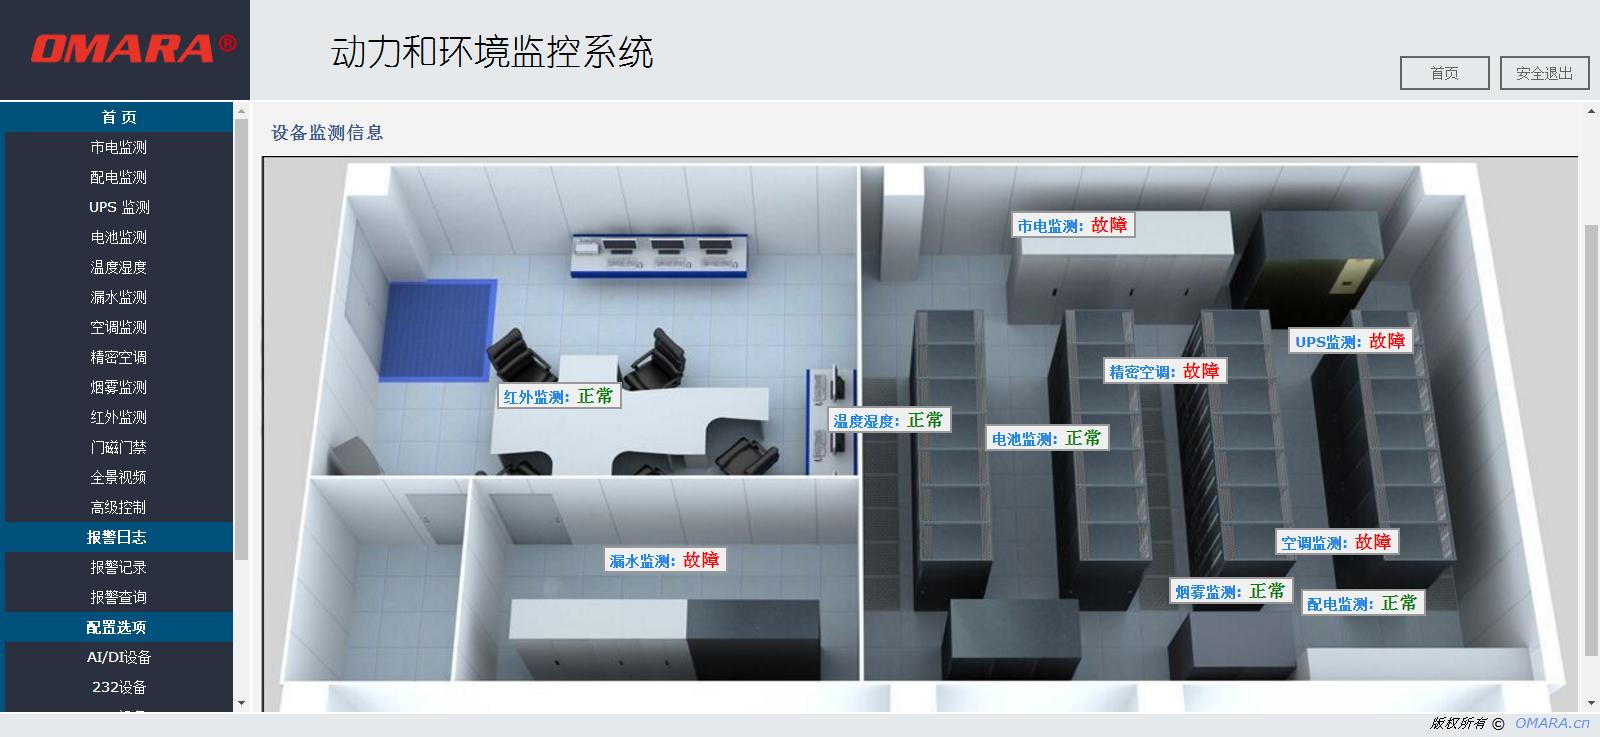 机房监控系统软件